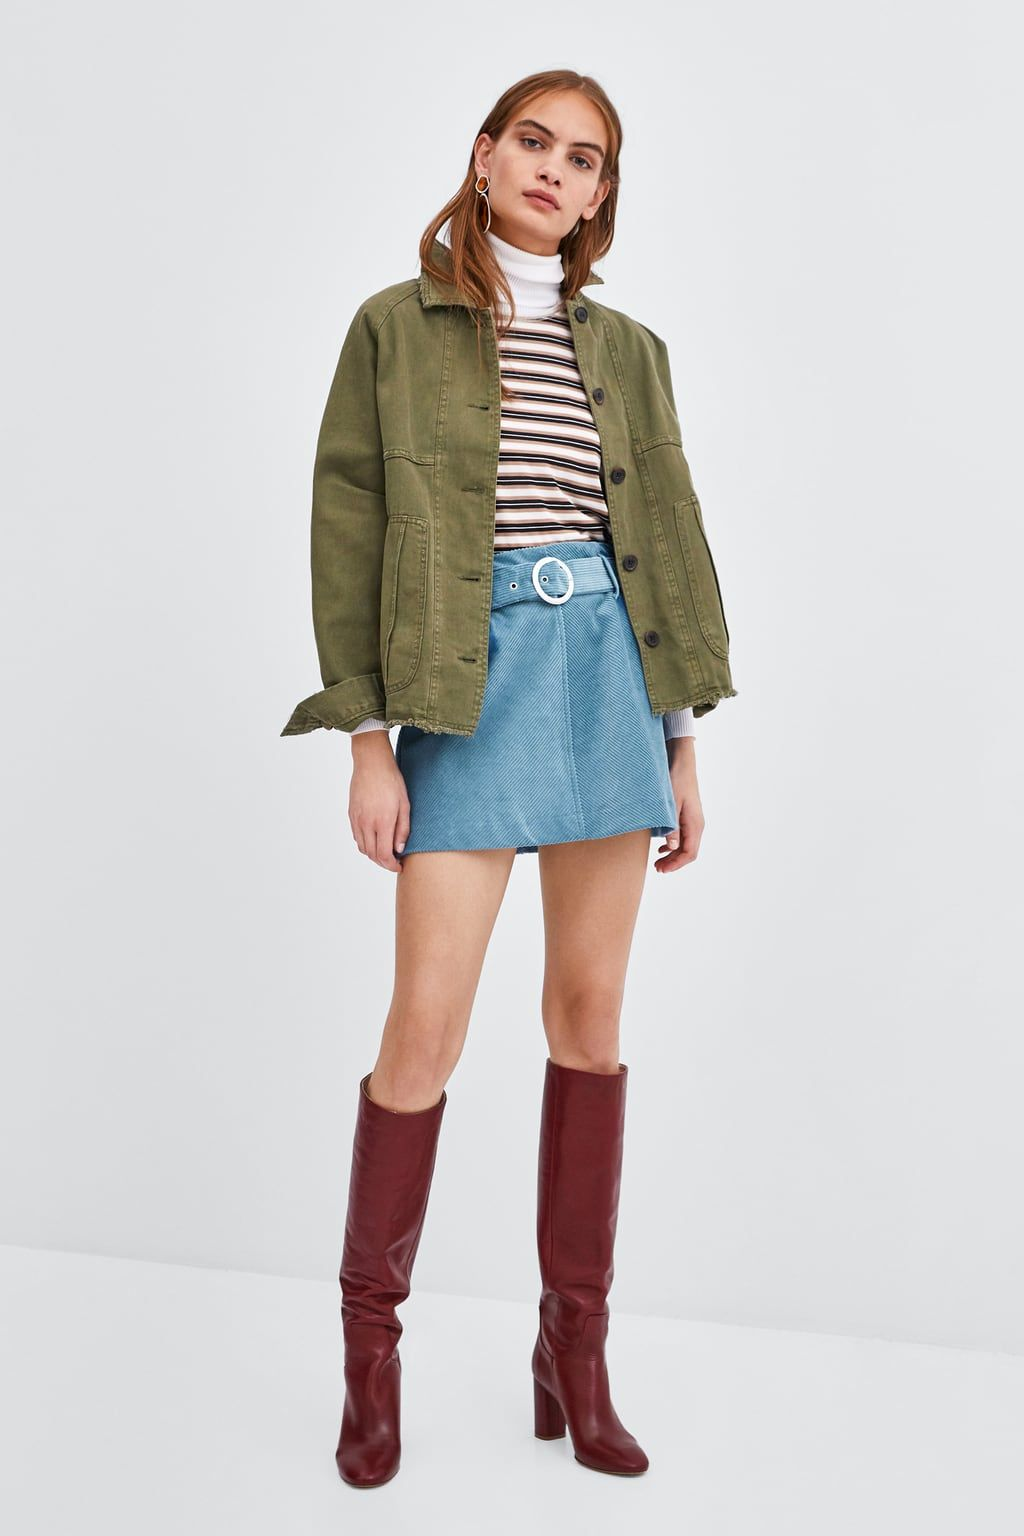 fa792f8cc MINIFALDA PANA CINTURÓN en 2019   Moda   Mini faldas, Cinturones y Zara